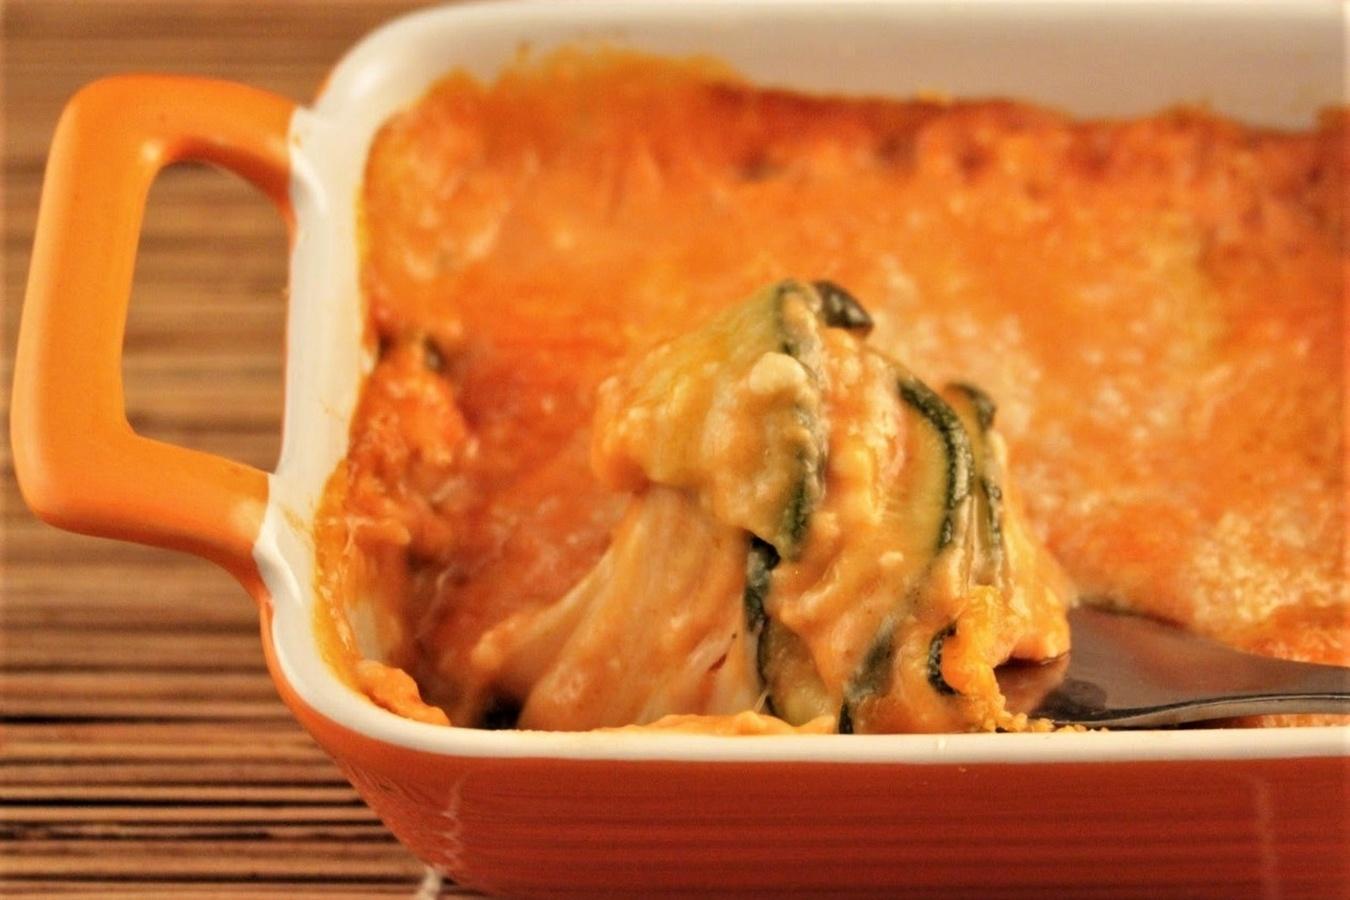 corso di cucina a torino corso di pasta fresca la palestra del cibo pasta fresca